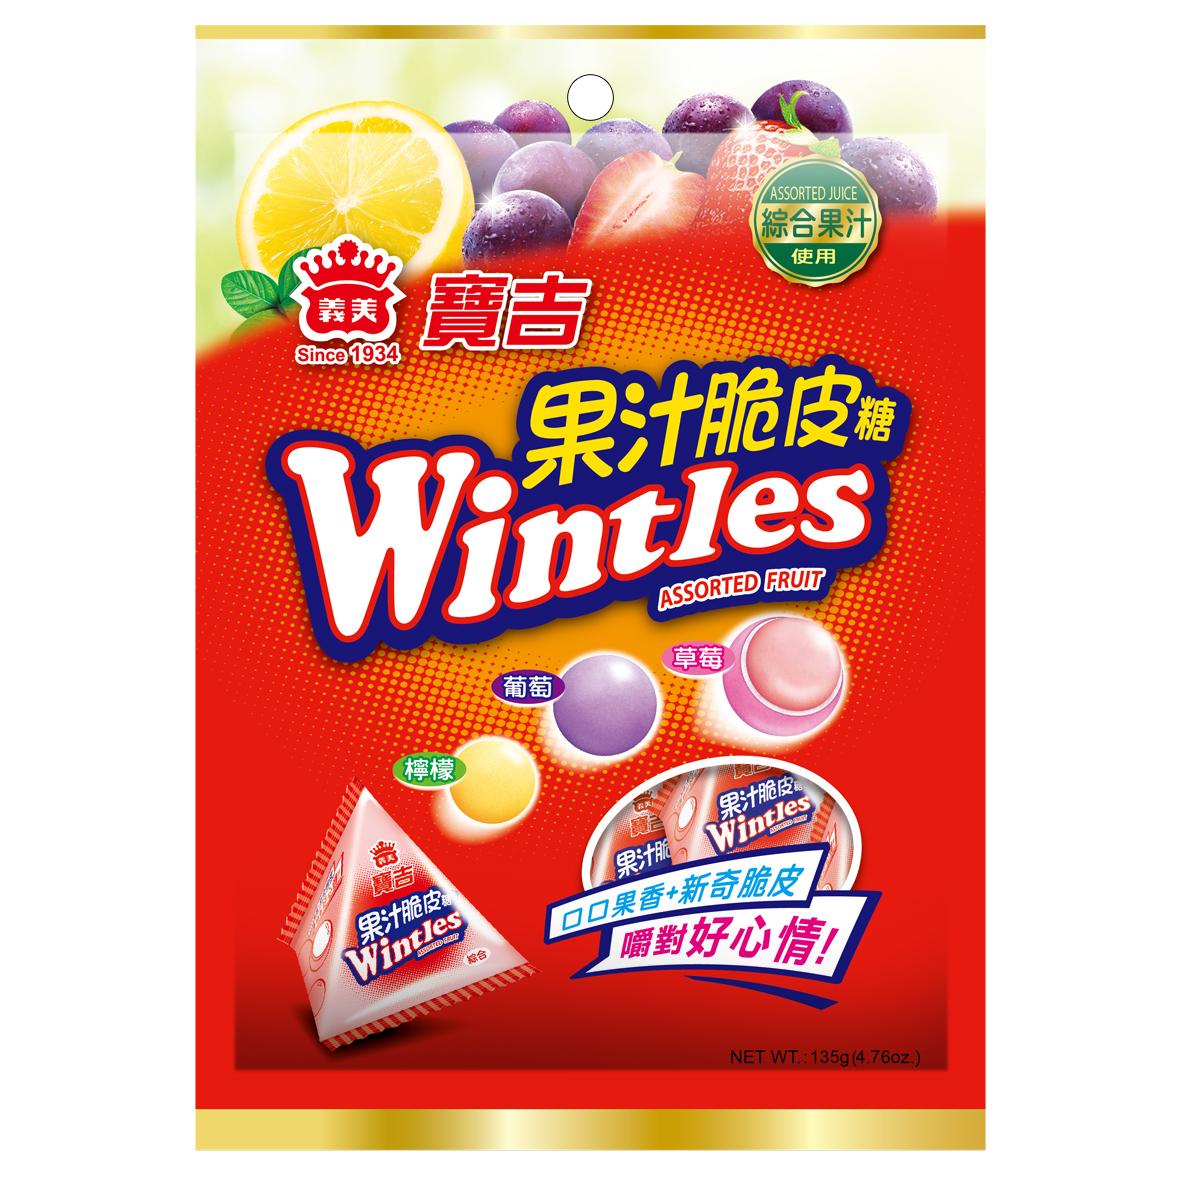 寶吉果汁脆皮糖(綜合水果)